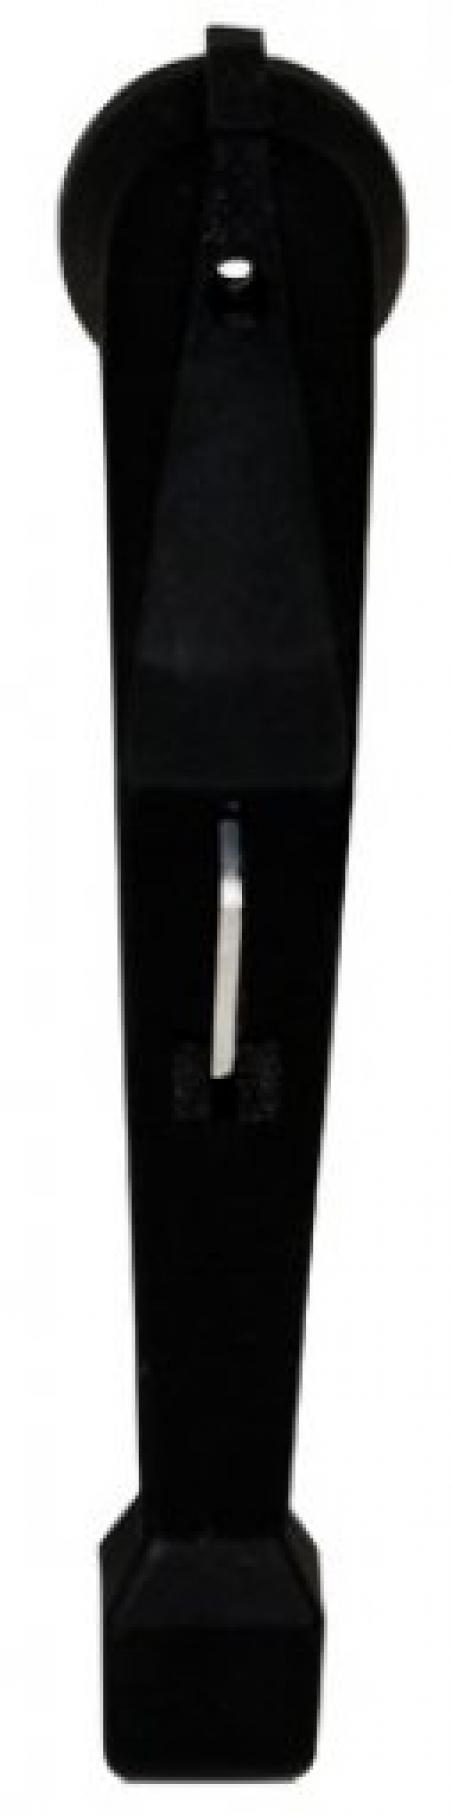 Рукоятка на корпус LBS-DH CO 1600/B (черн., для LBS 800-1600А CO)